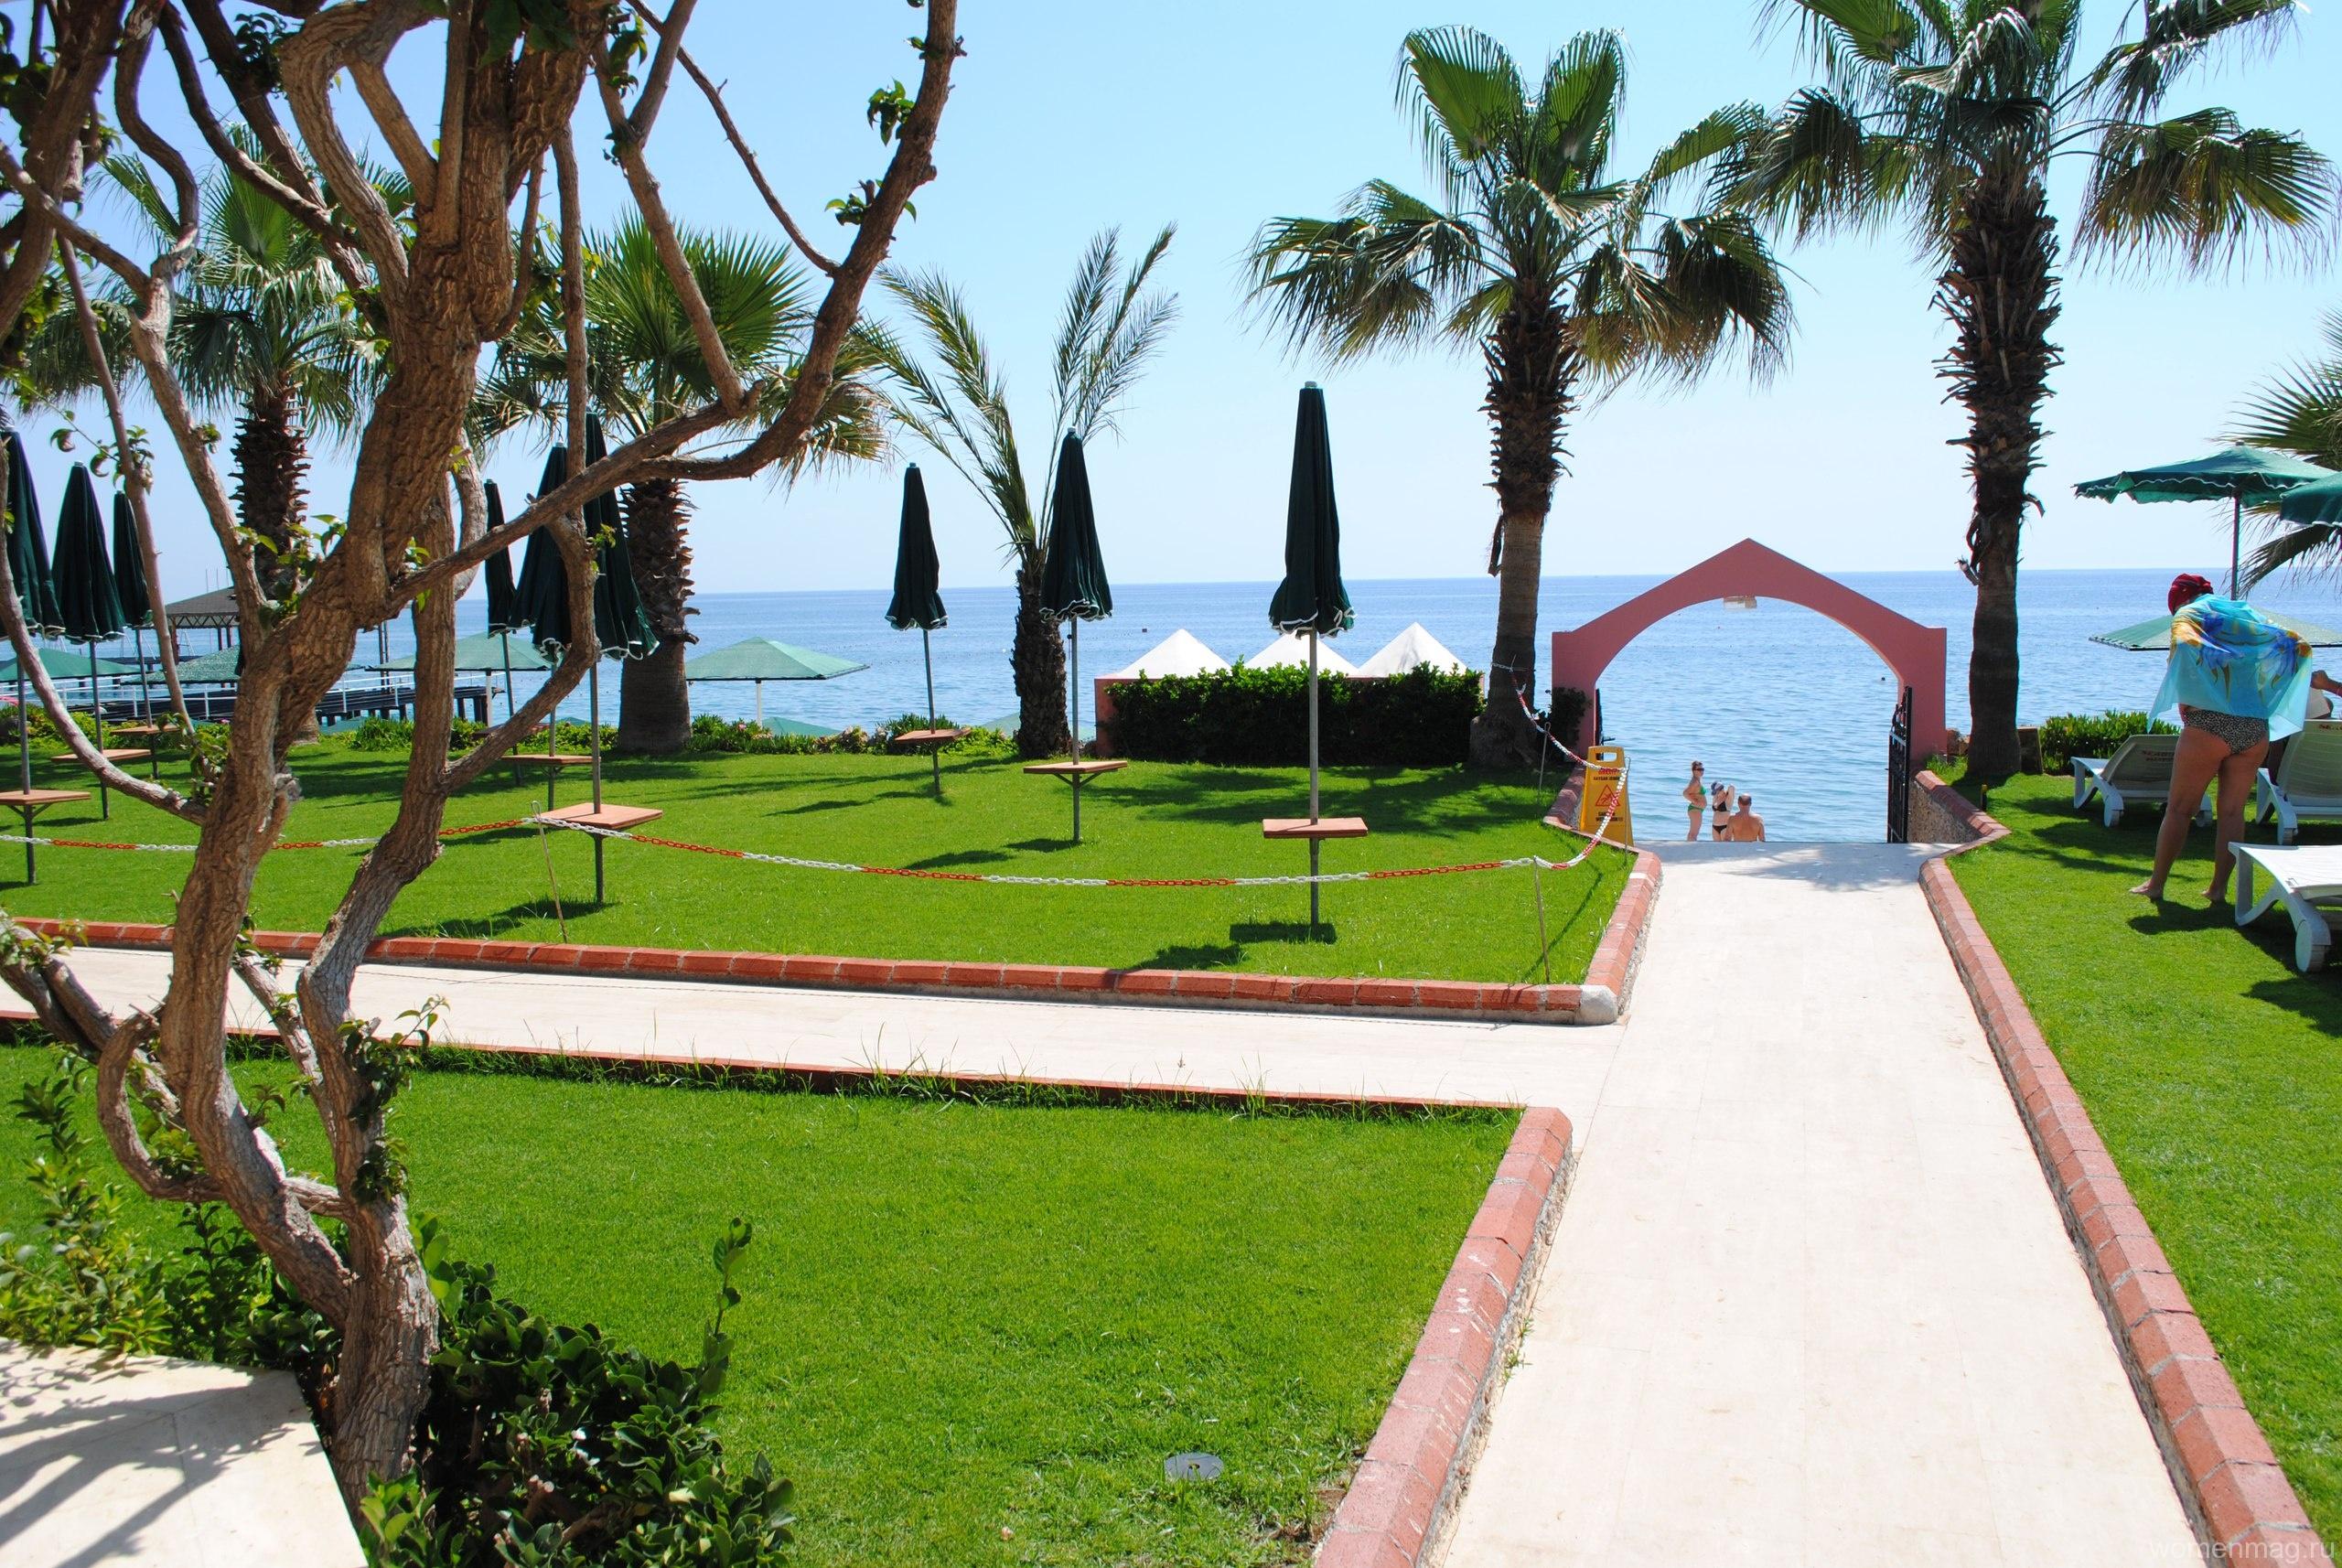 Отель Seagul в Бельдиби, Турция. Отзыв с фото